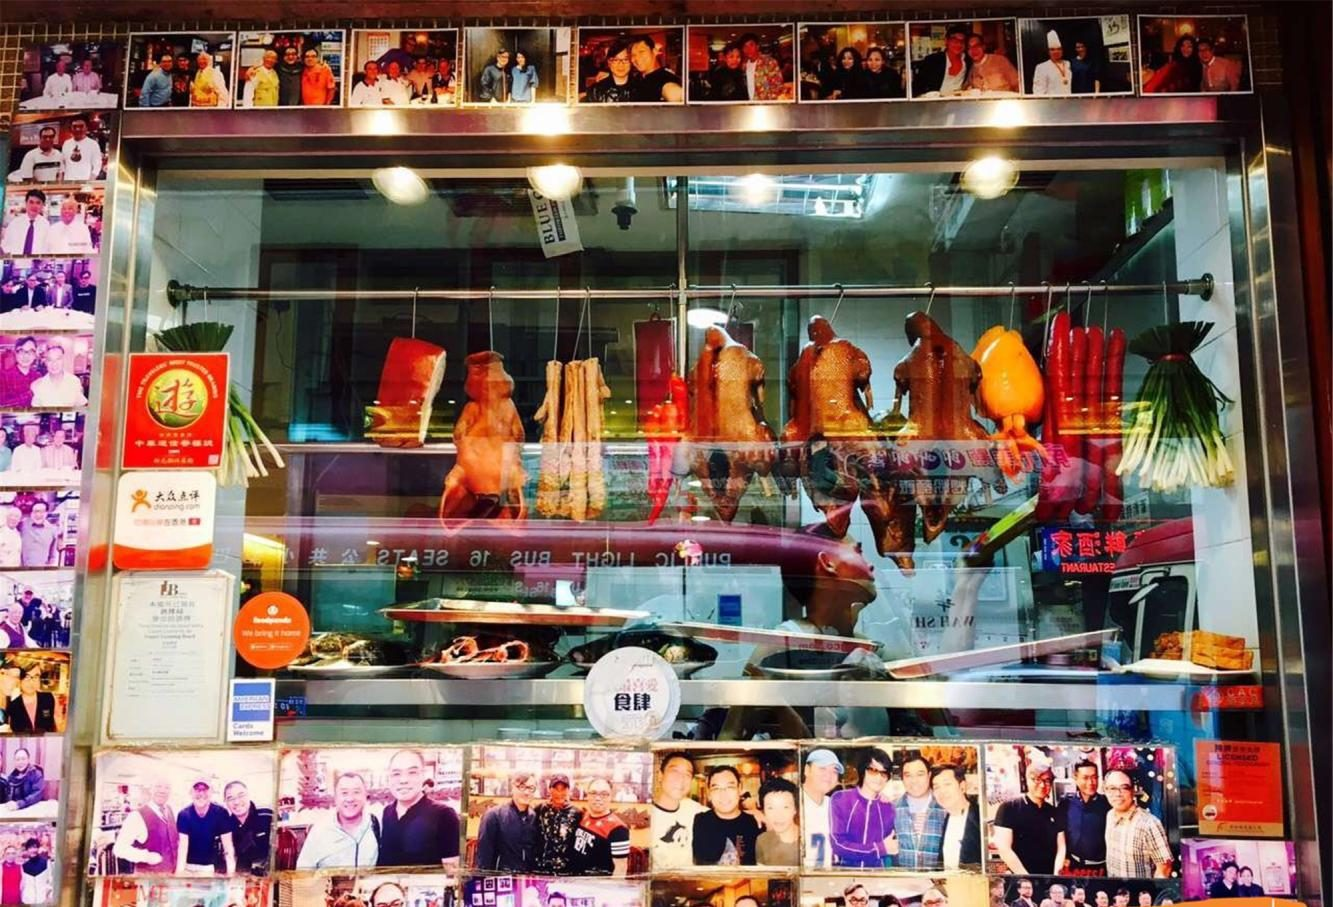 香港街頭美食,消費與廣州相差無幾